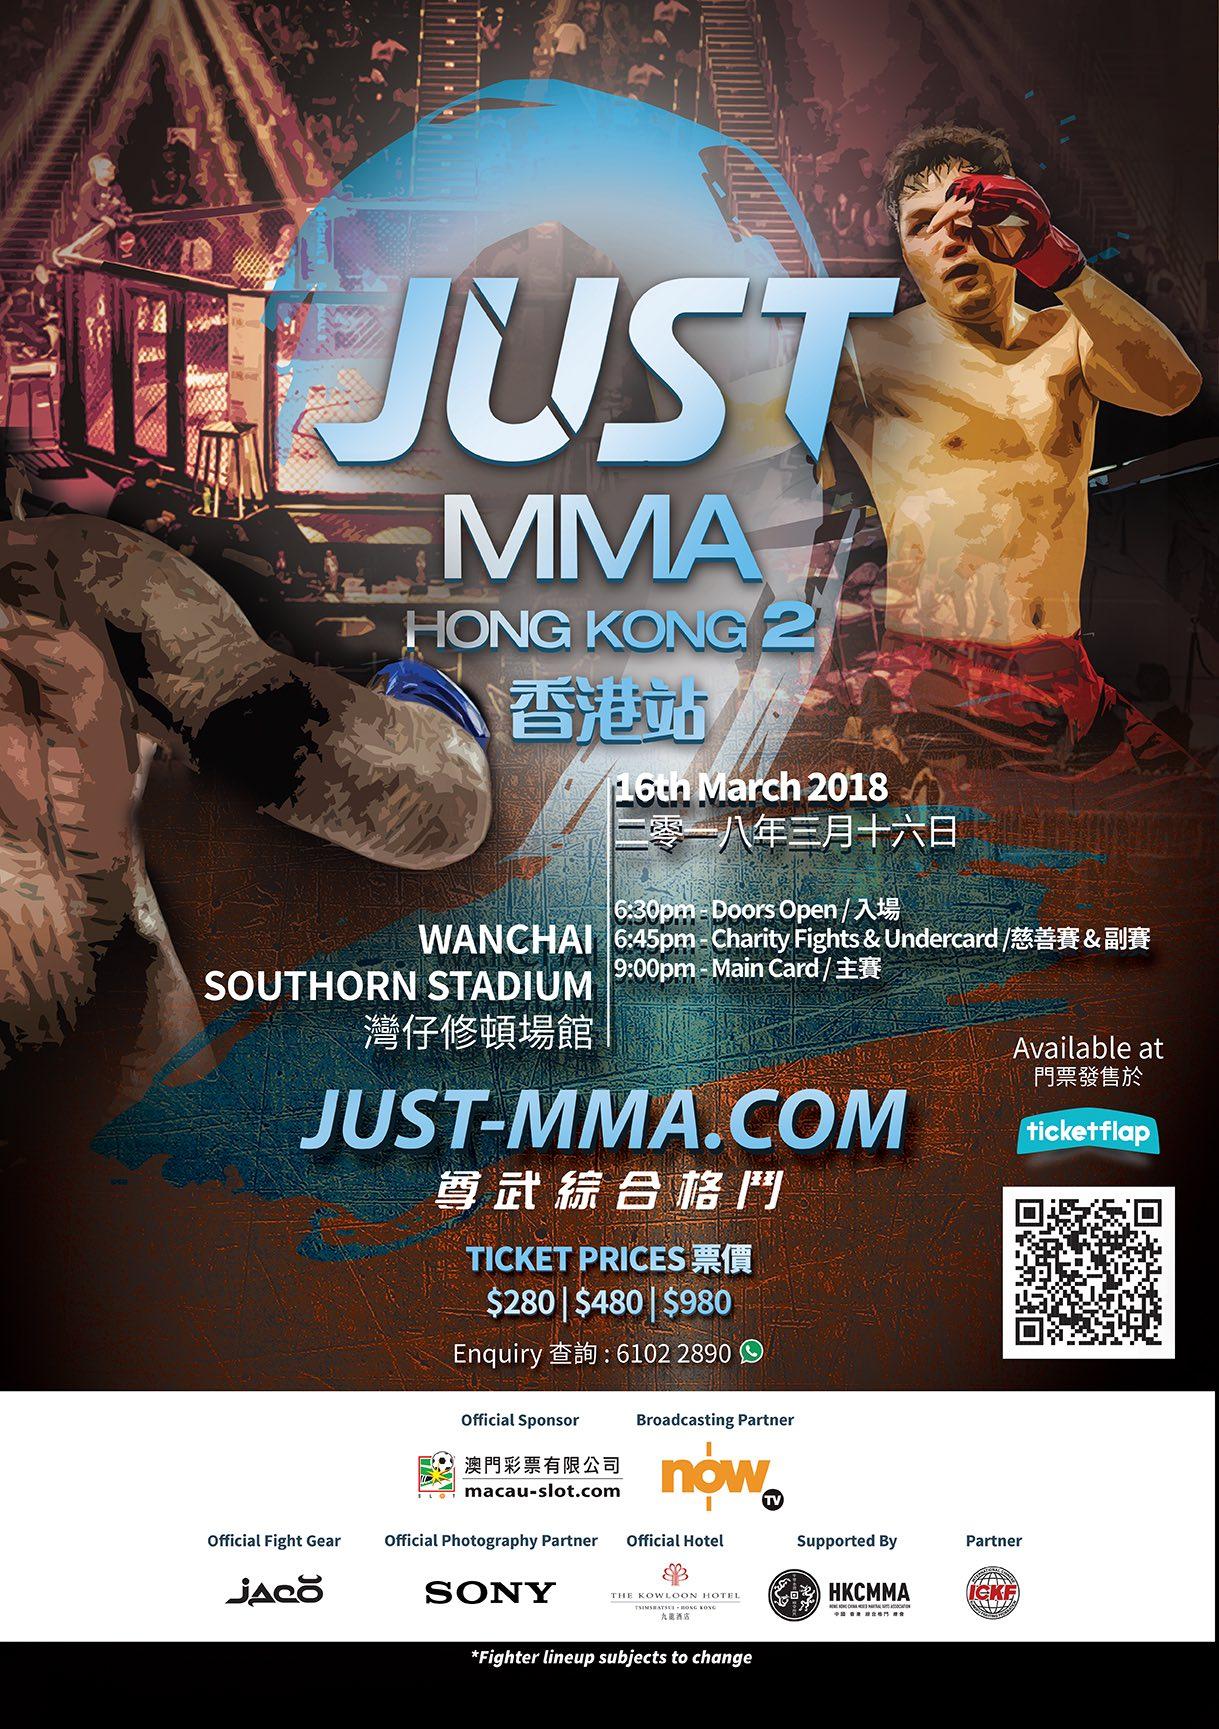 JUST MMA Hong Kong 2 Tickets, Mar 16, 2018   Ticketflap